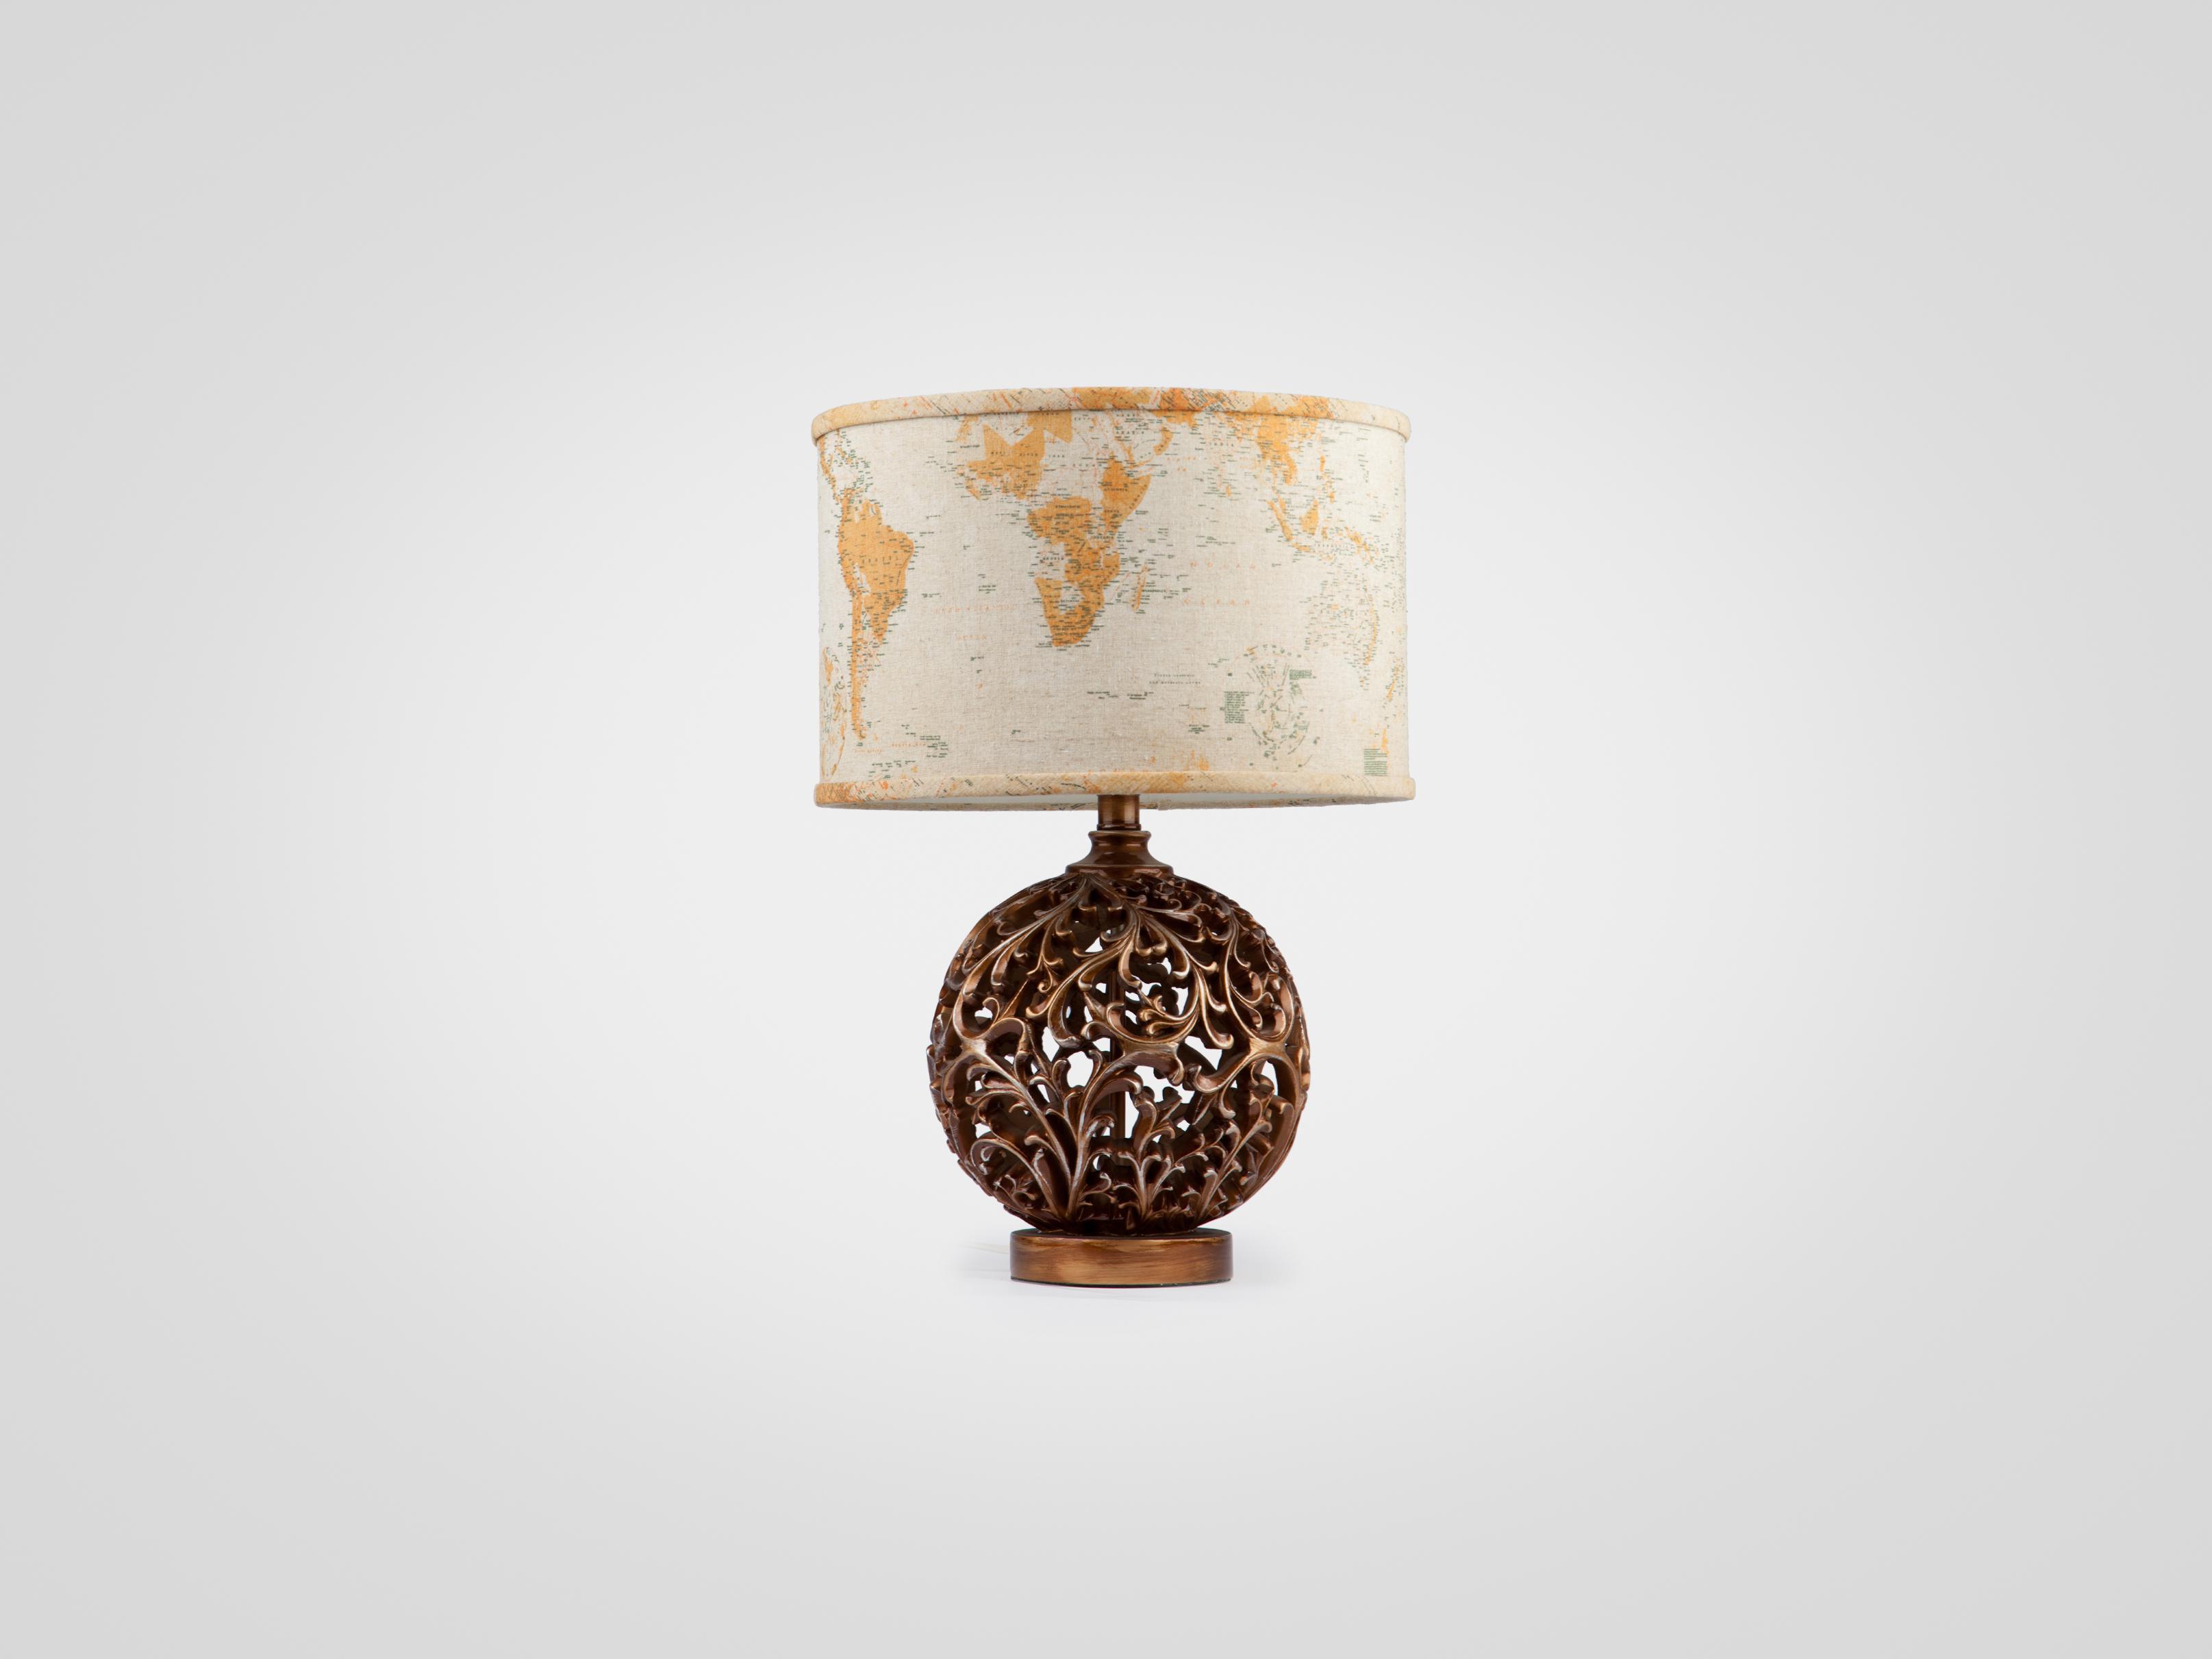 Купить Лампа настольная на декоративной ножке медного цвета, inmyroom, Китай